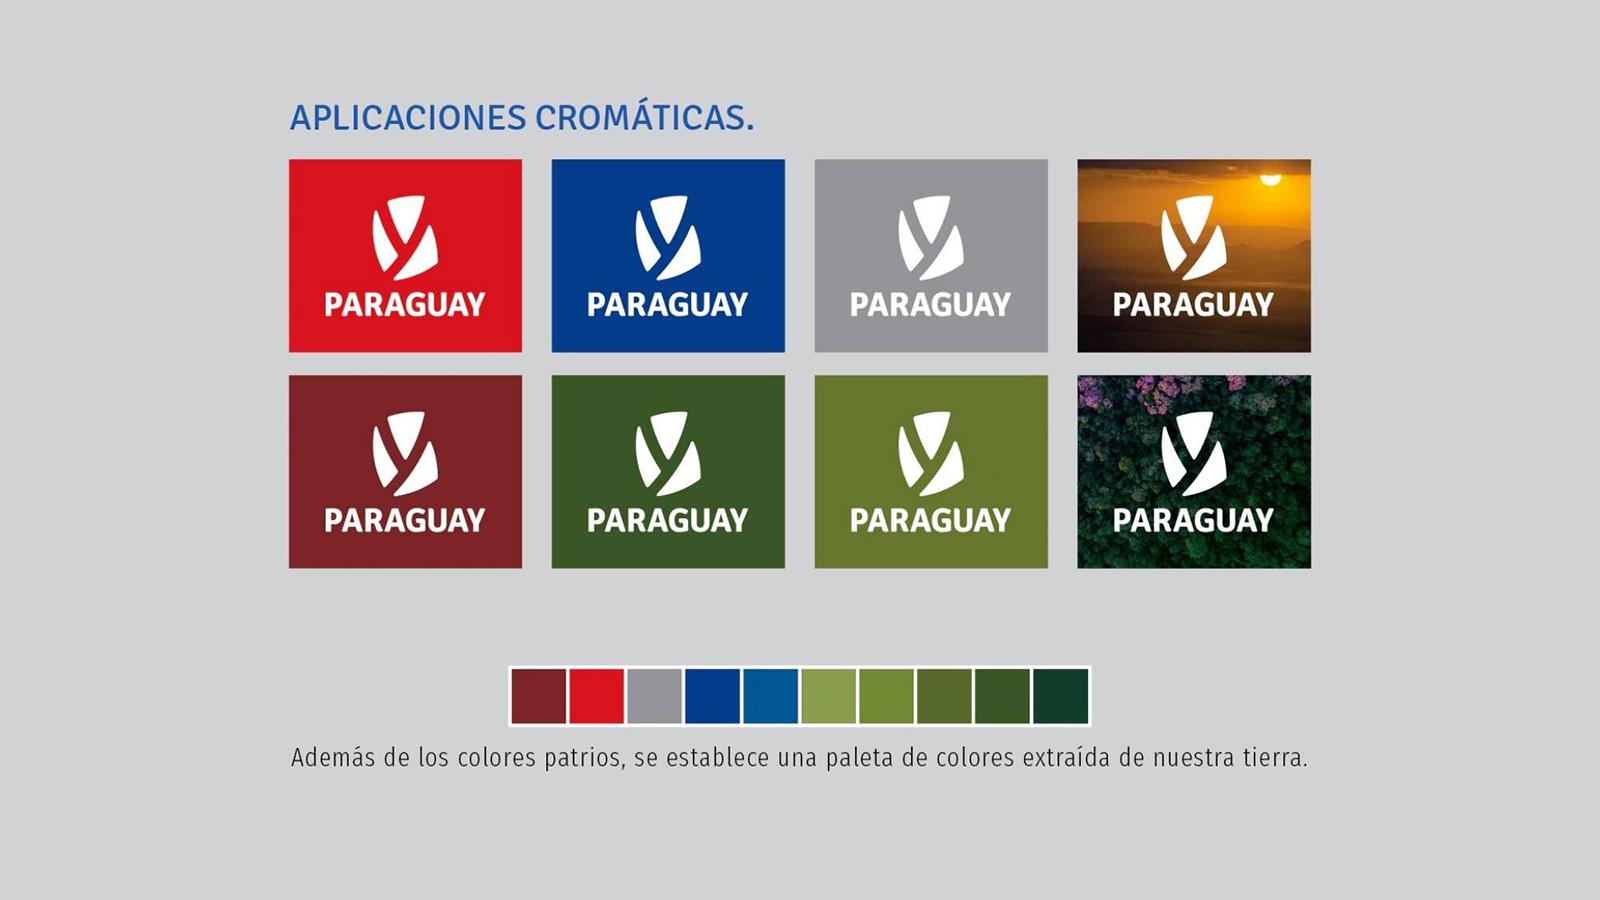 南美国家巴拉圭启用全新的国家形象并发布新的logo-深圳VI设计6